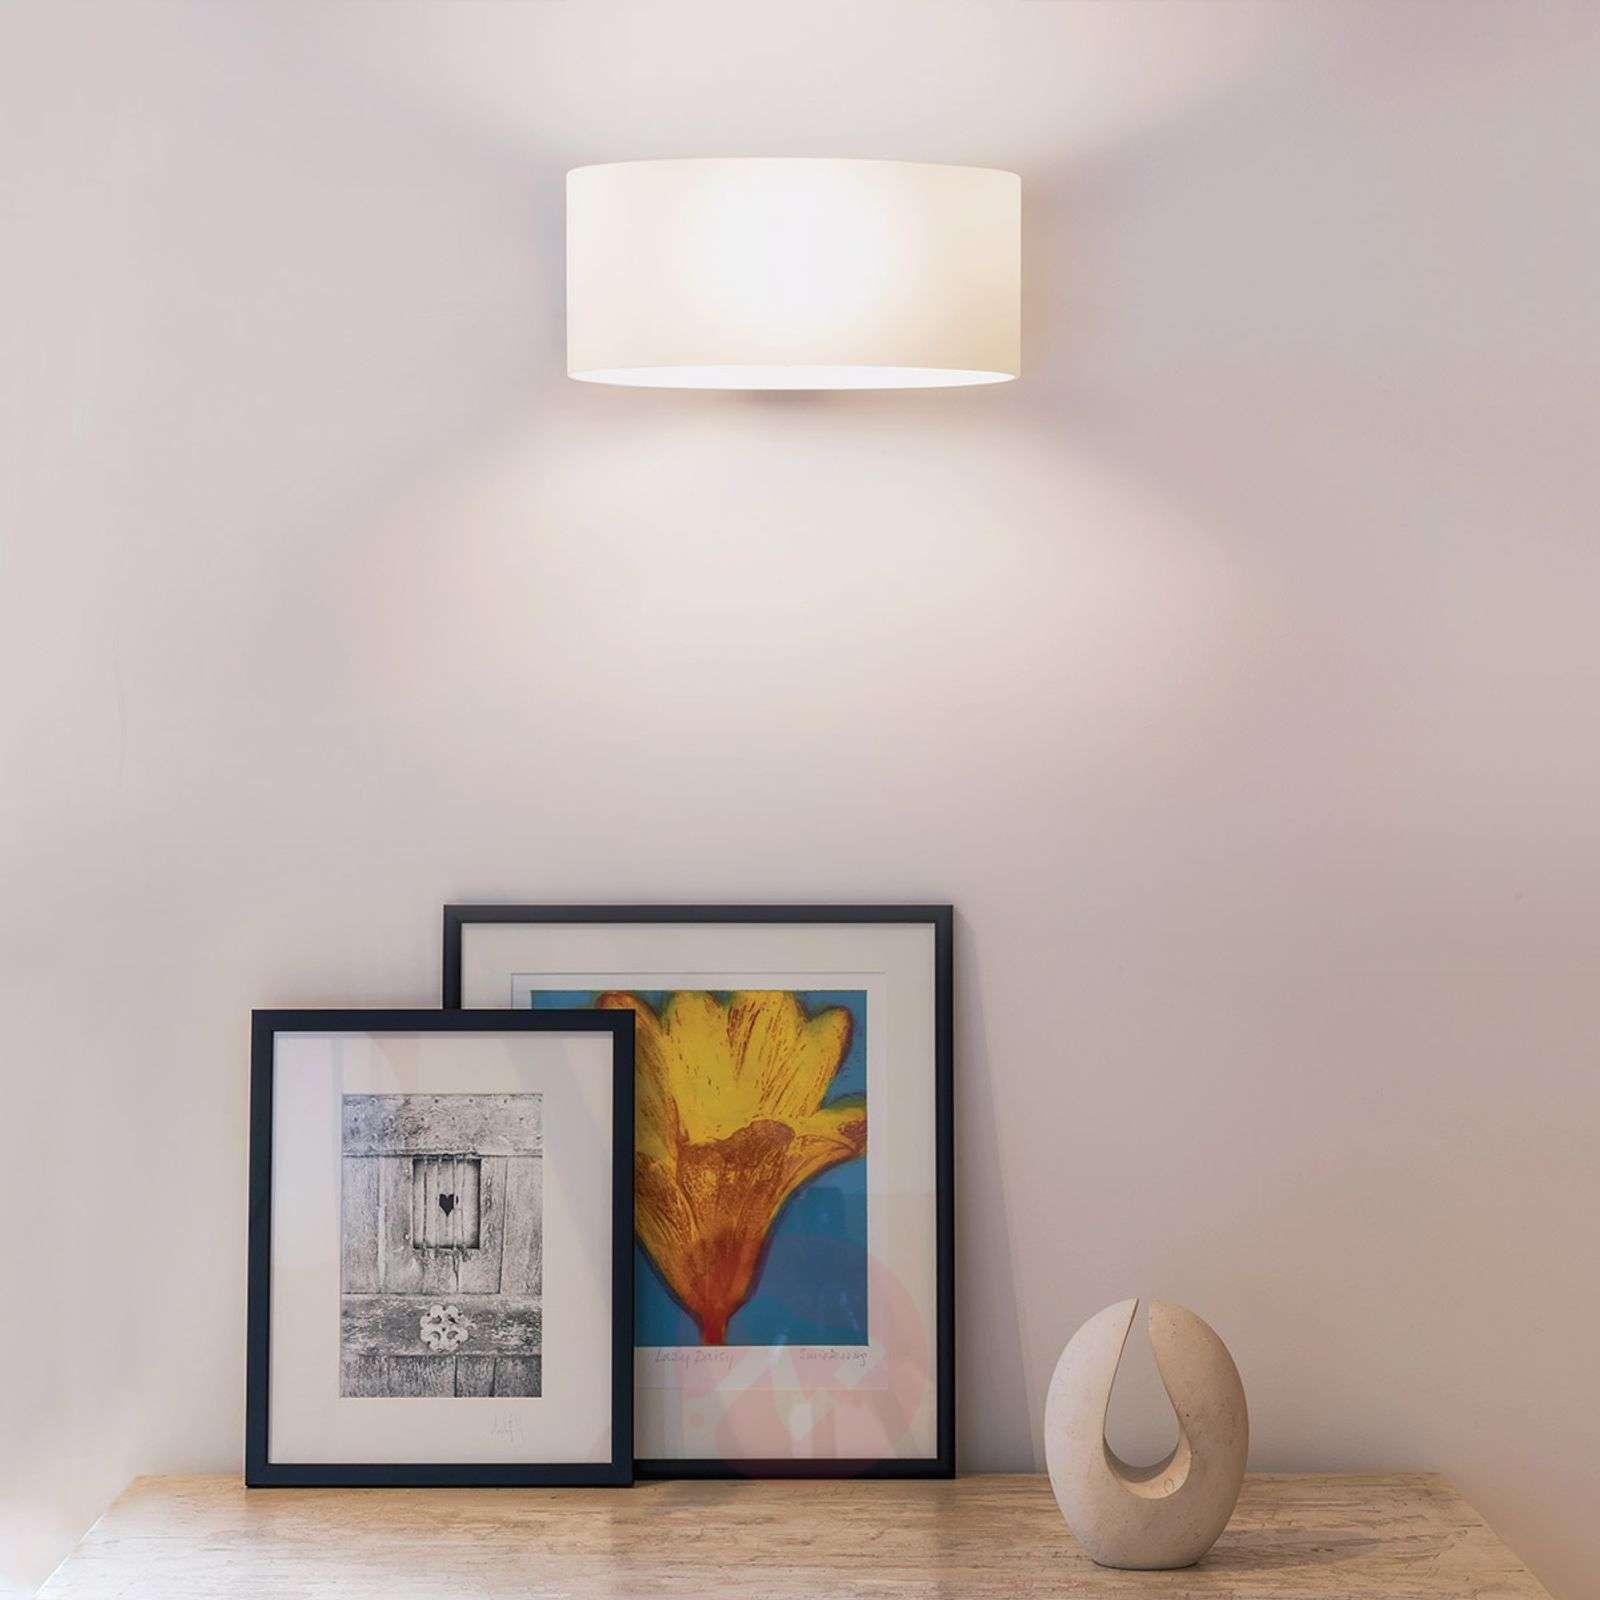 Tokyo Wall Light Stylish Glass-1020236-02